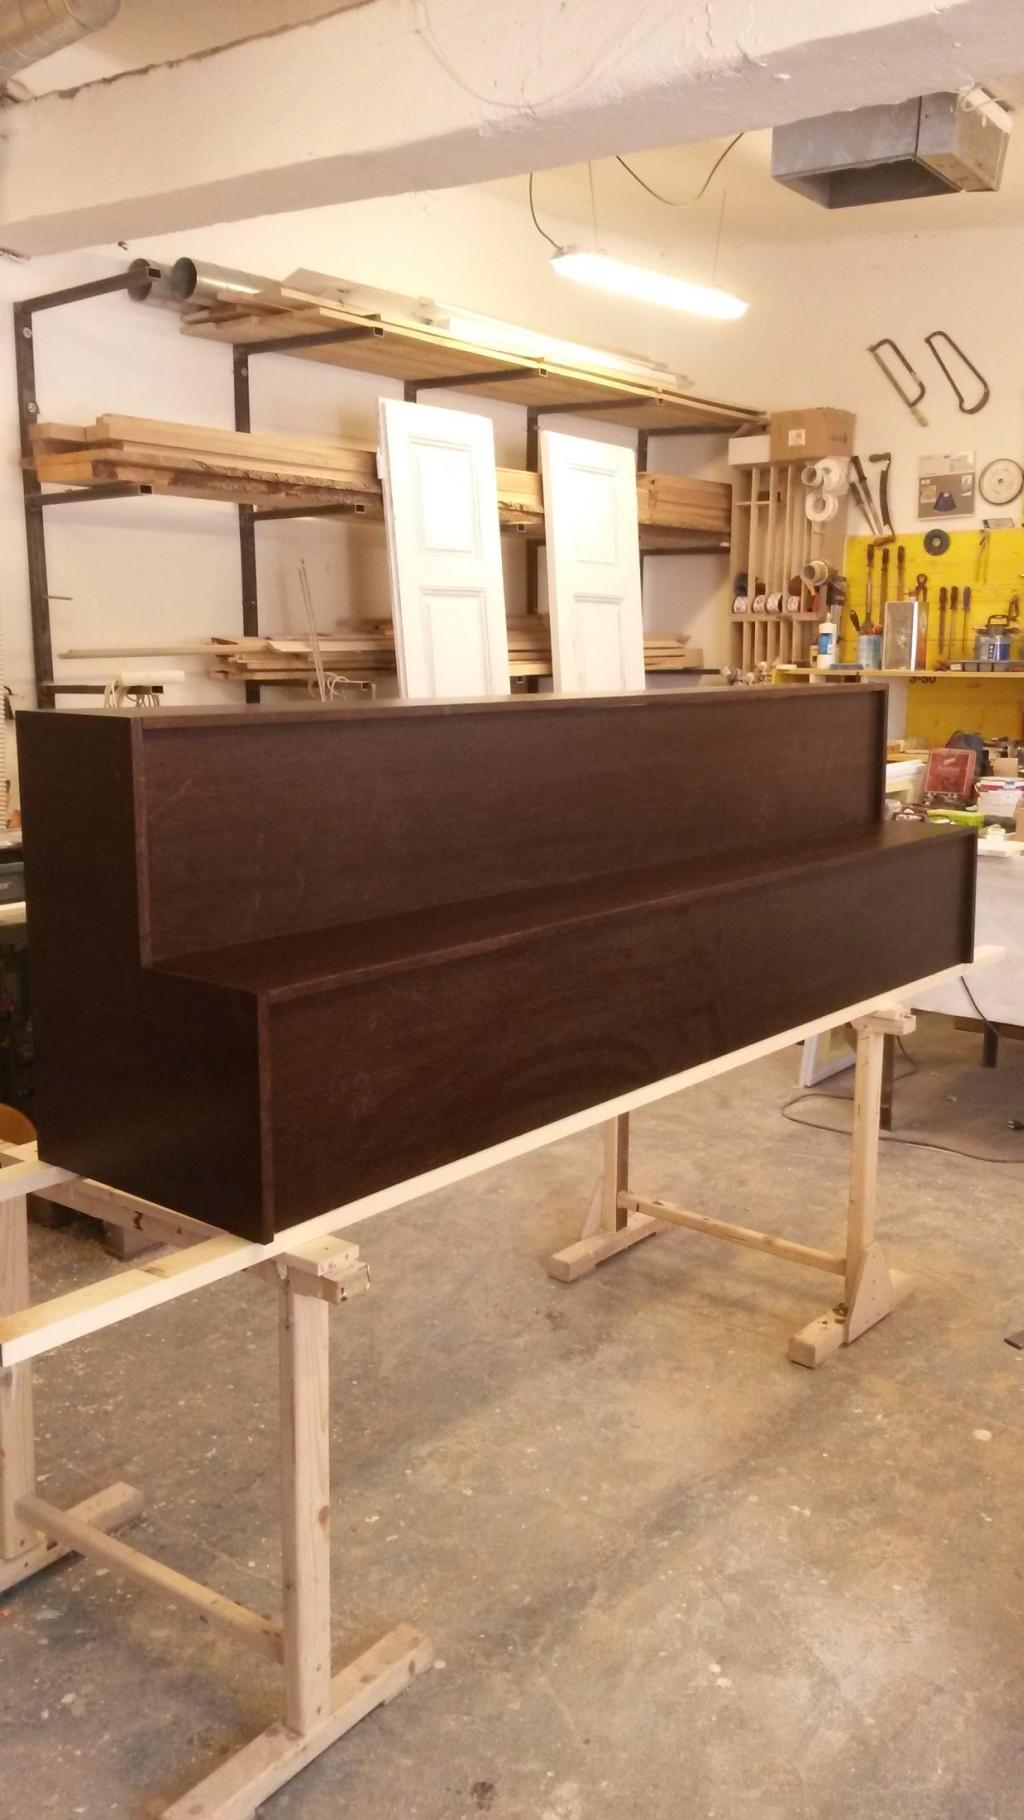 Výroba DTD (dřevotříska a lamino)7